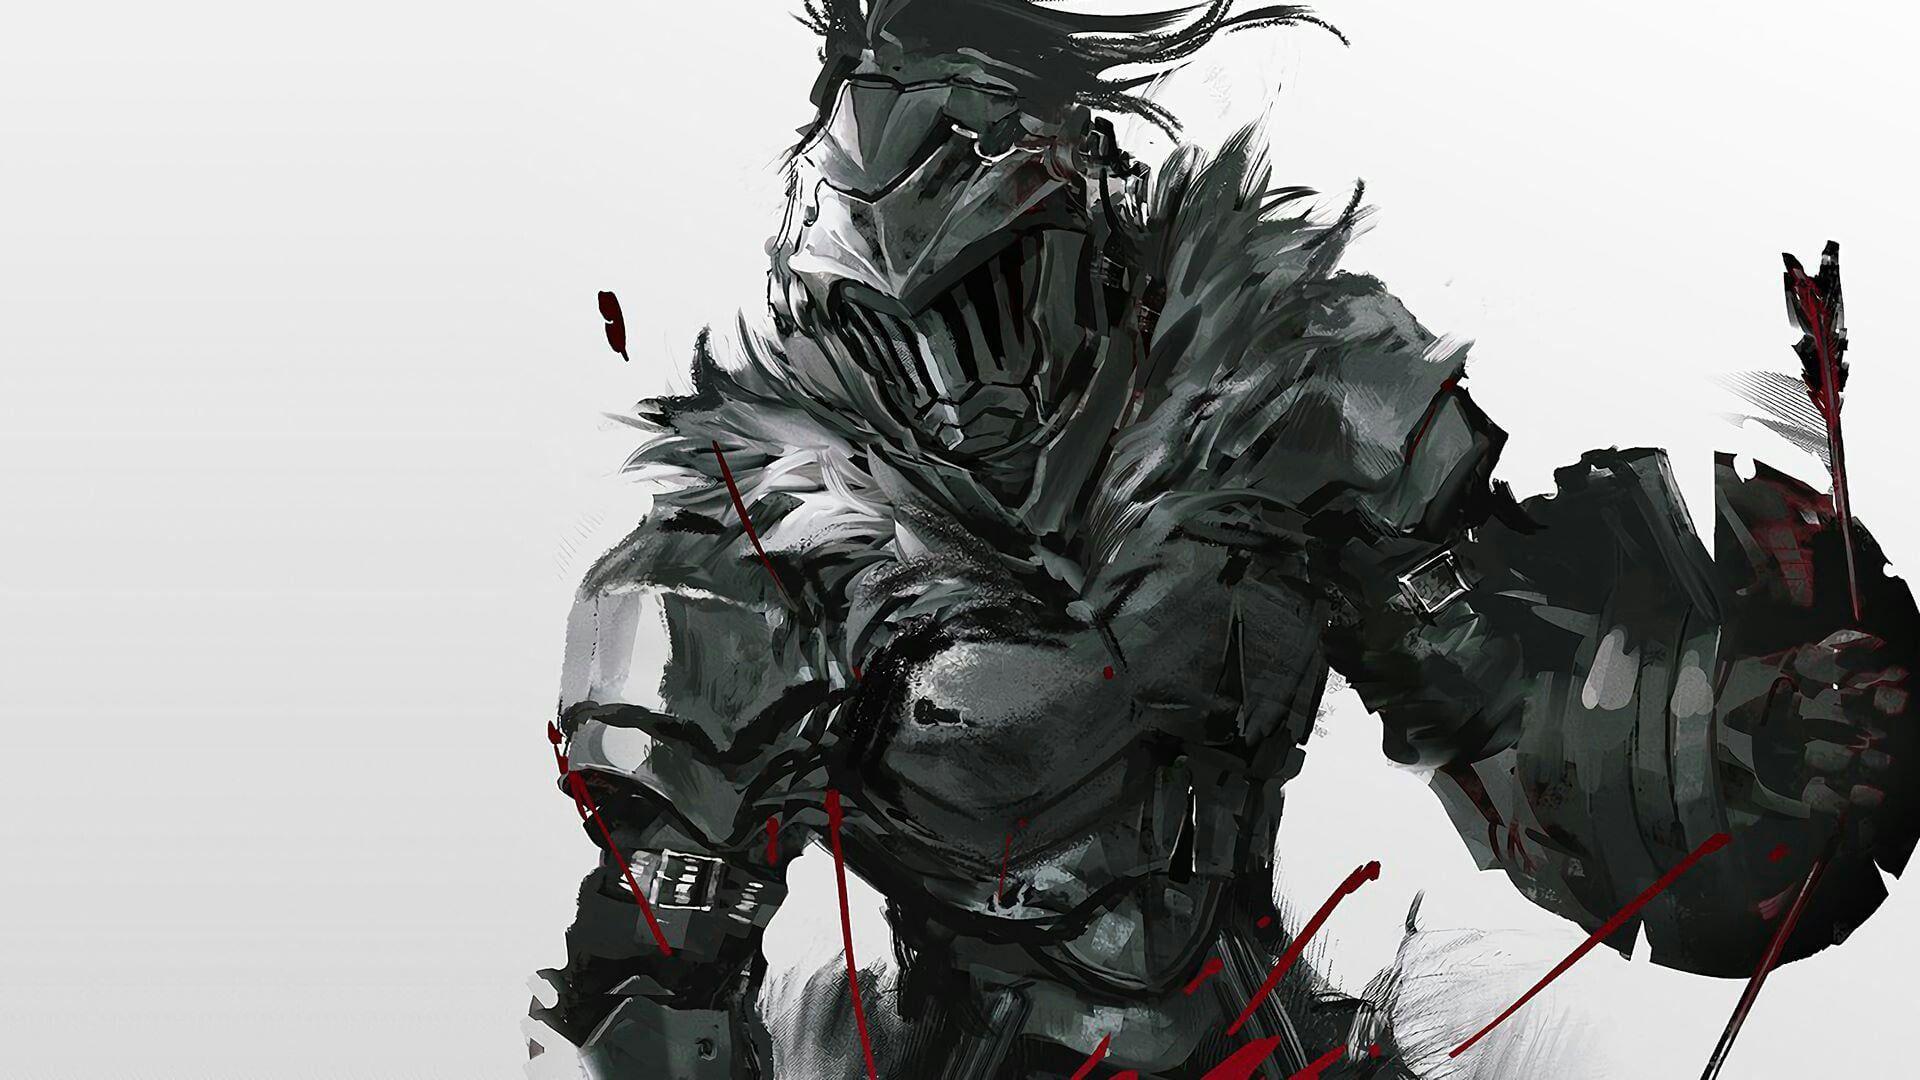 Goblin Slayer Wallpapers - Top Free Goblin Slayer ...